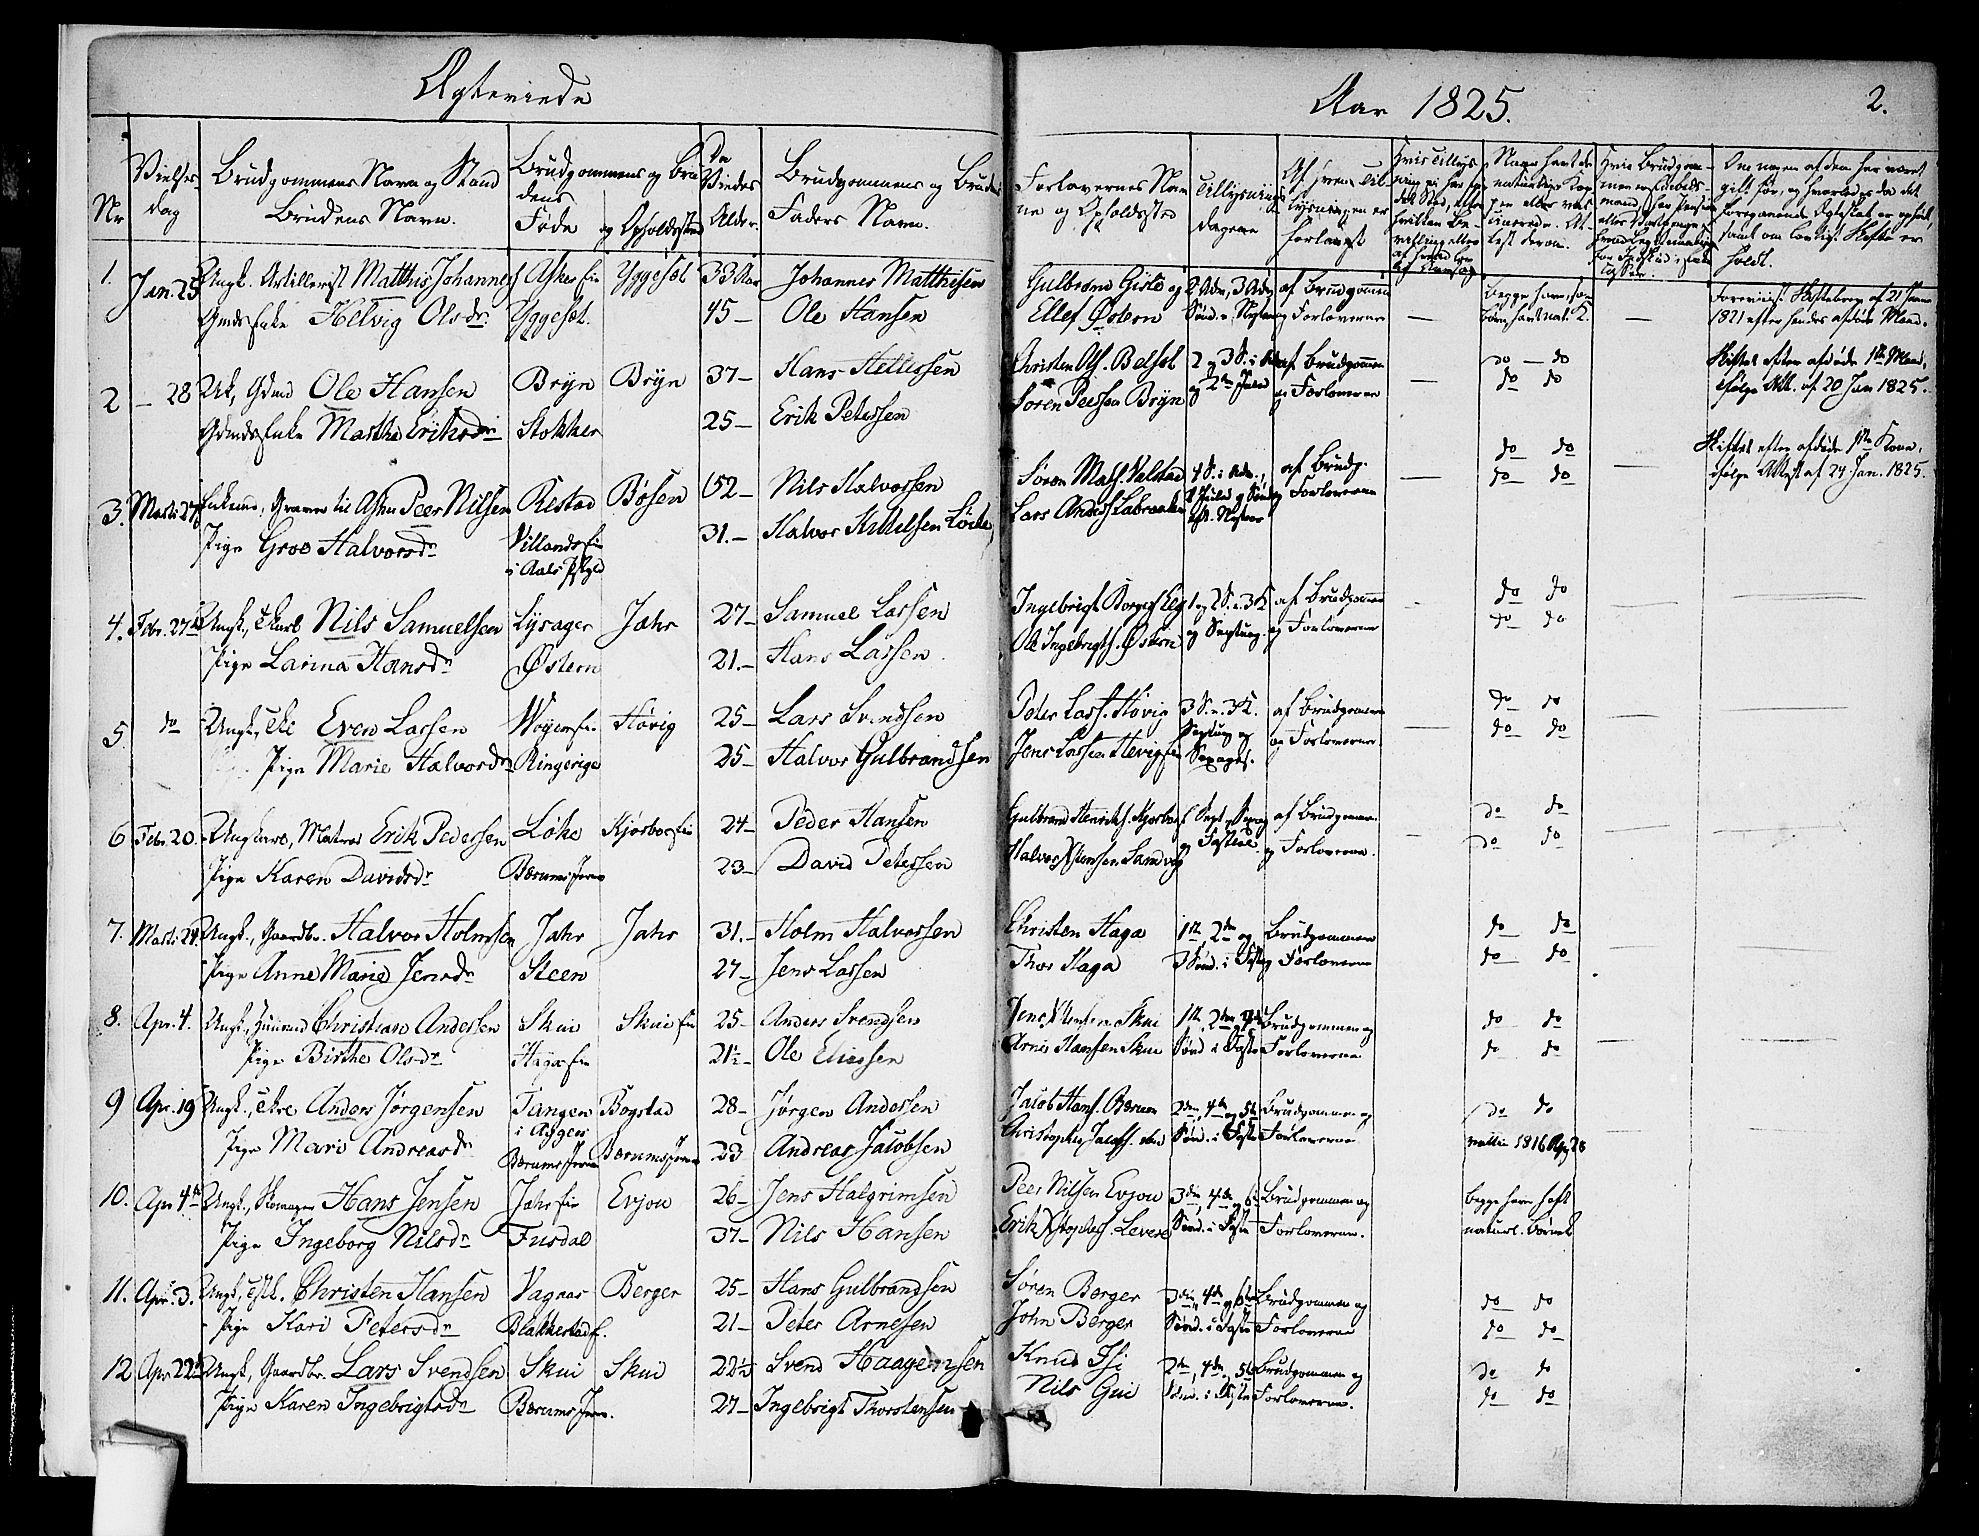 SAO, Asker prestekontor Kirkebøker, F/Fa/L0010: Ministerialbok nr. I 10, 1825-1878, s. 2